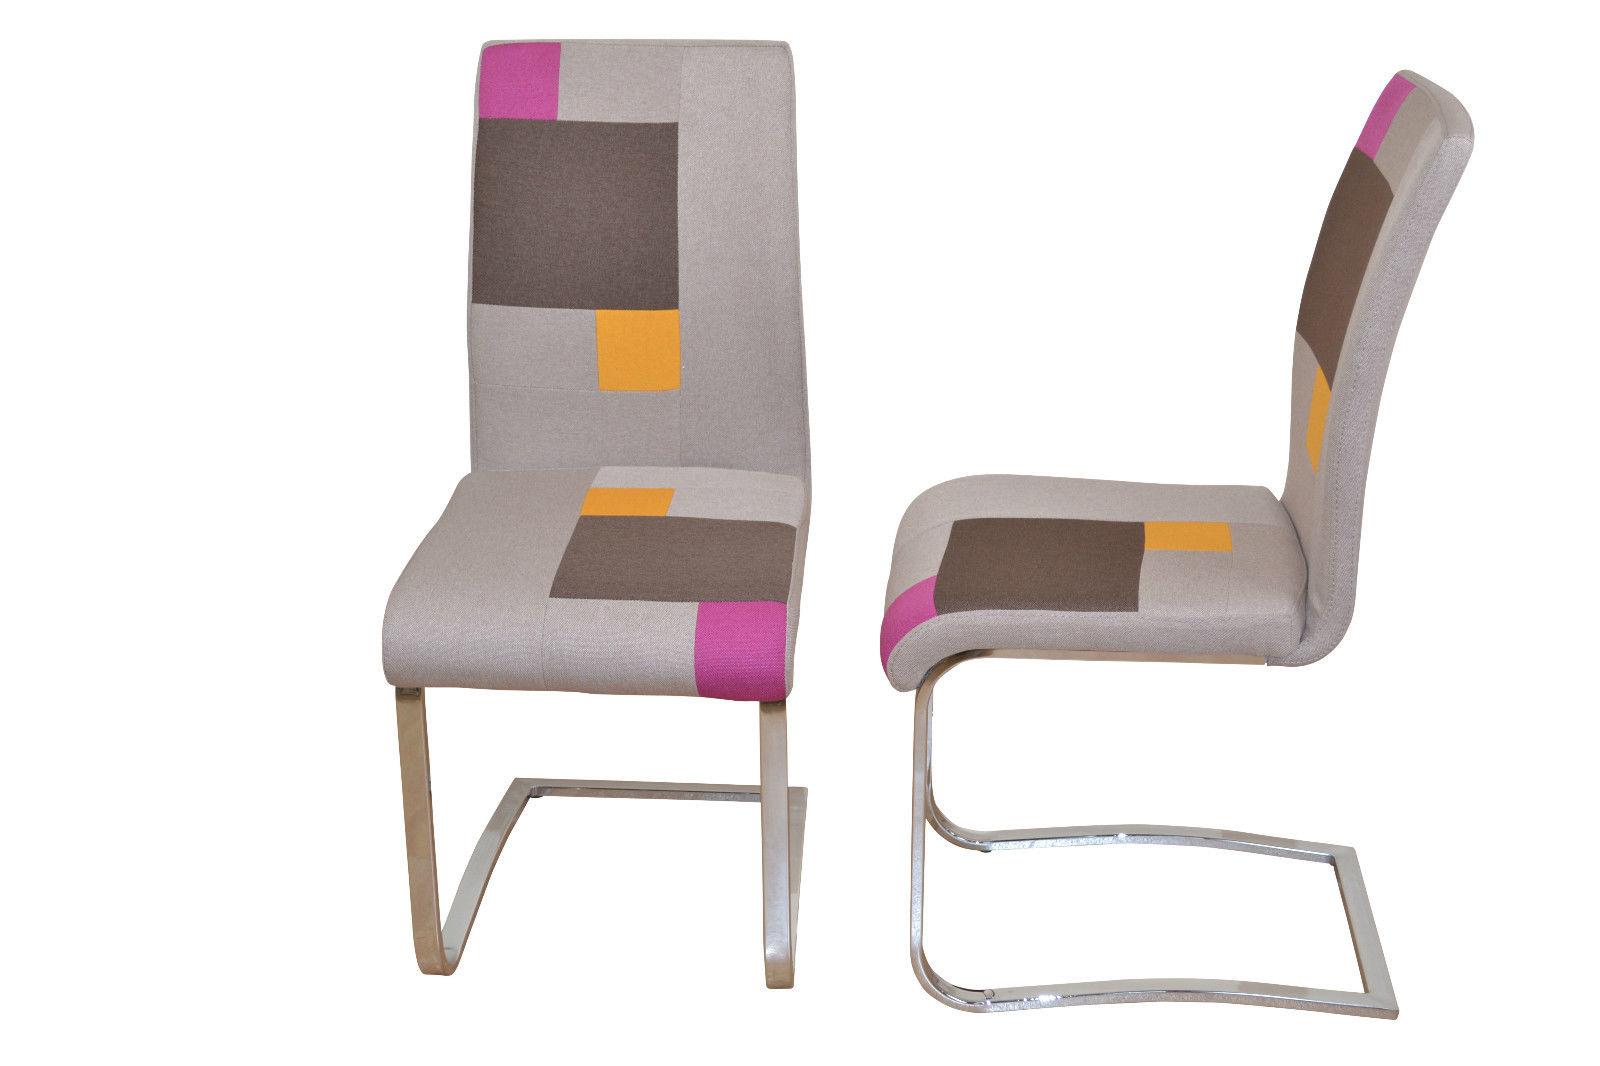 Stühle Bunt 2 x stühle bunt esszimmerstuhl schwingstuhl schwinger stoff